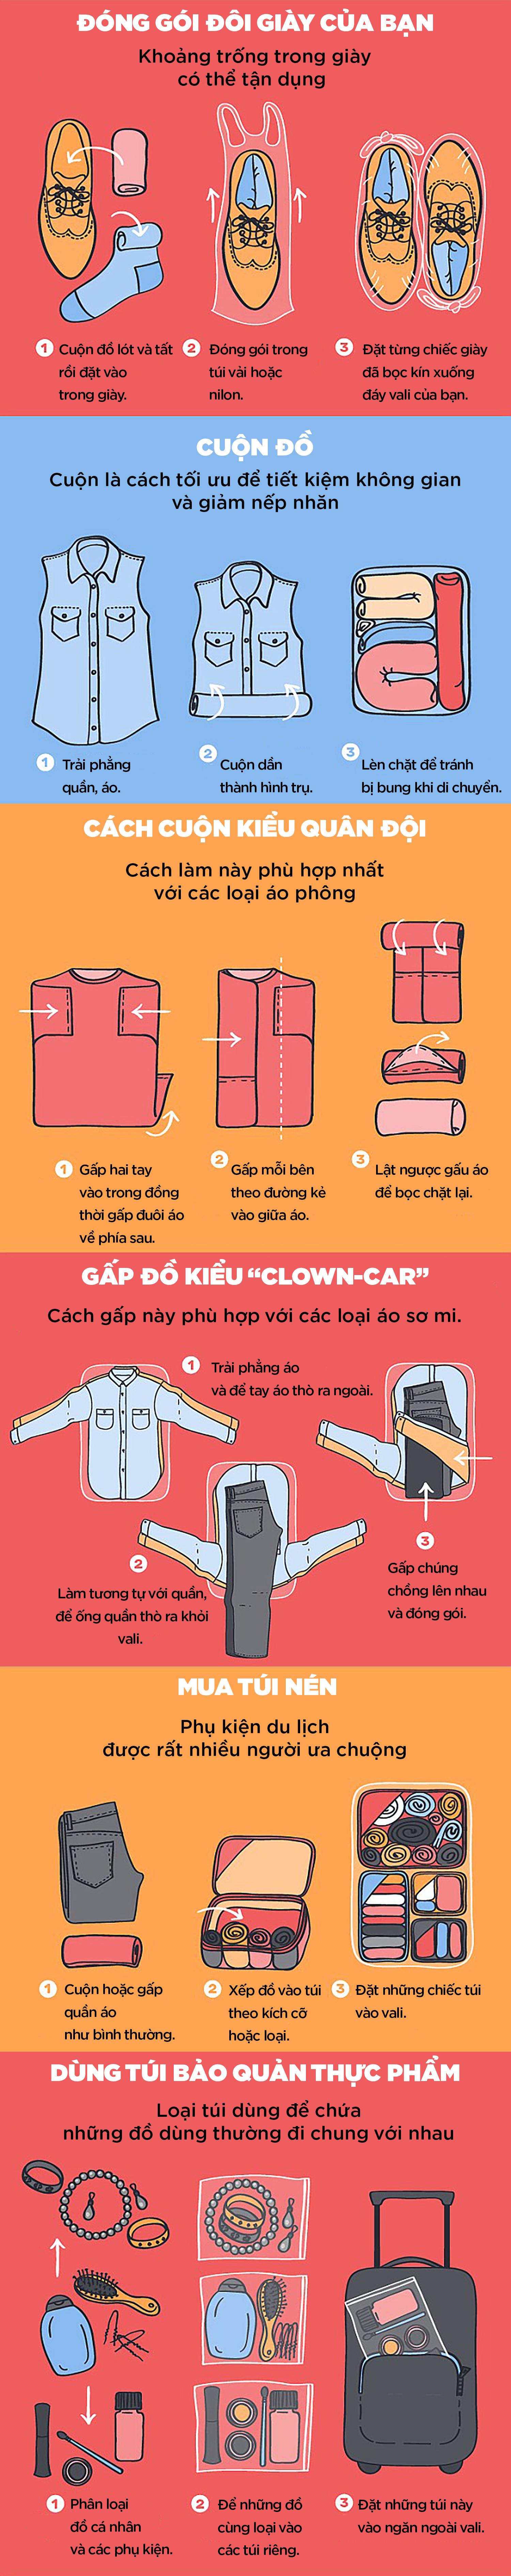 6 cách sắp xếp được nhiều đồ vào vali nhất